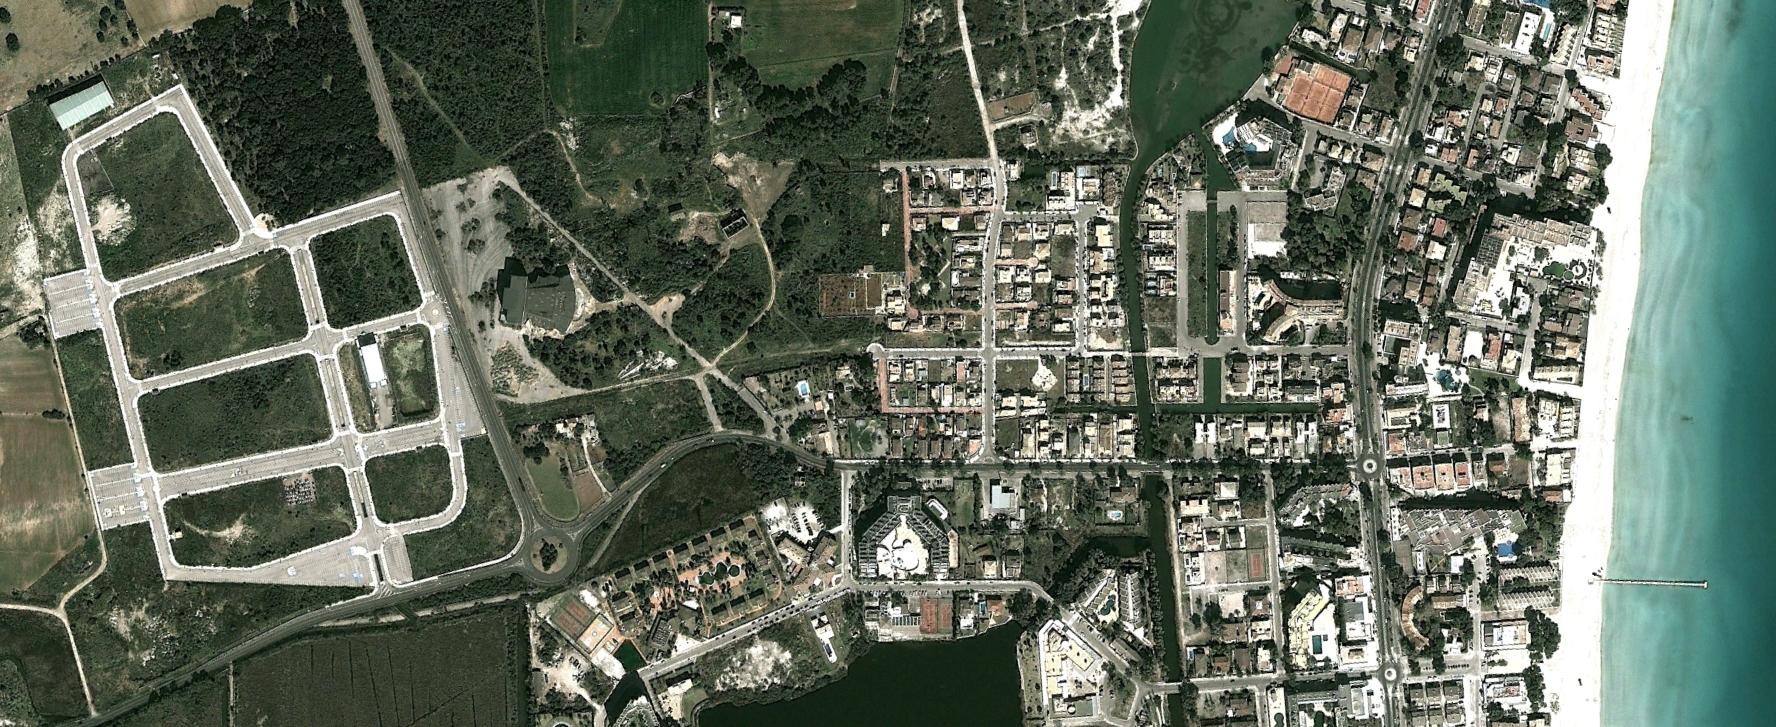 platja d'alcudia, mallorca, illes balears, un sitio malo para pasar una resaca, después, urbanismo, planeamiento, urbano, desastre, urbanístico, construcción, rotondas, carretera